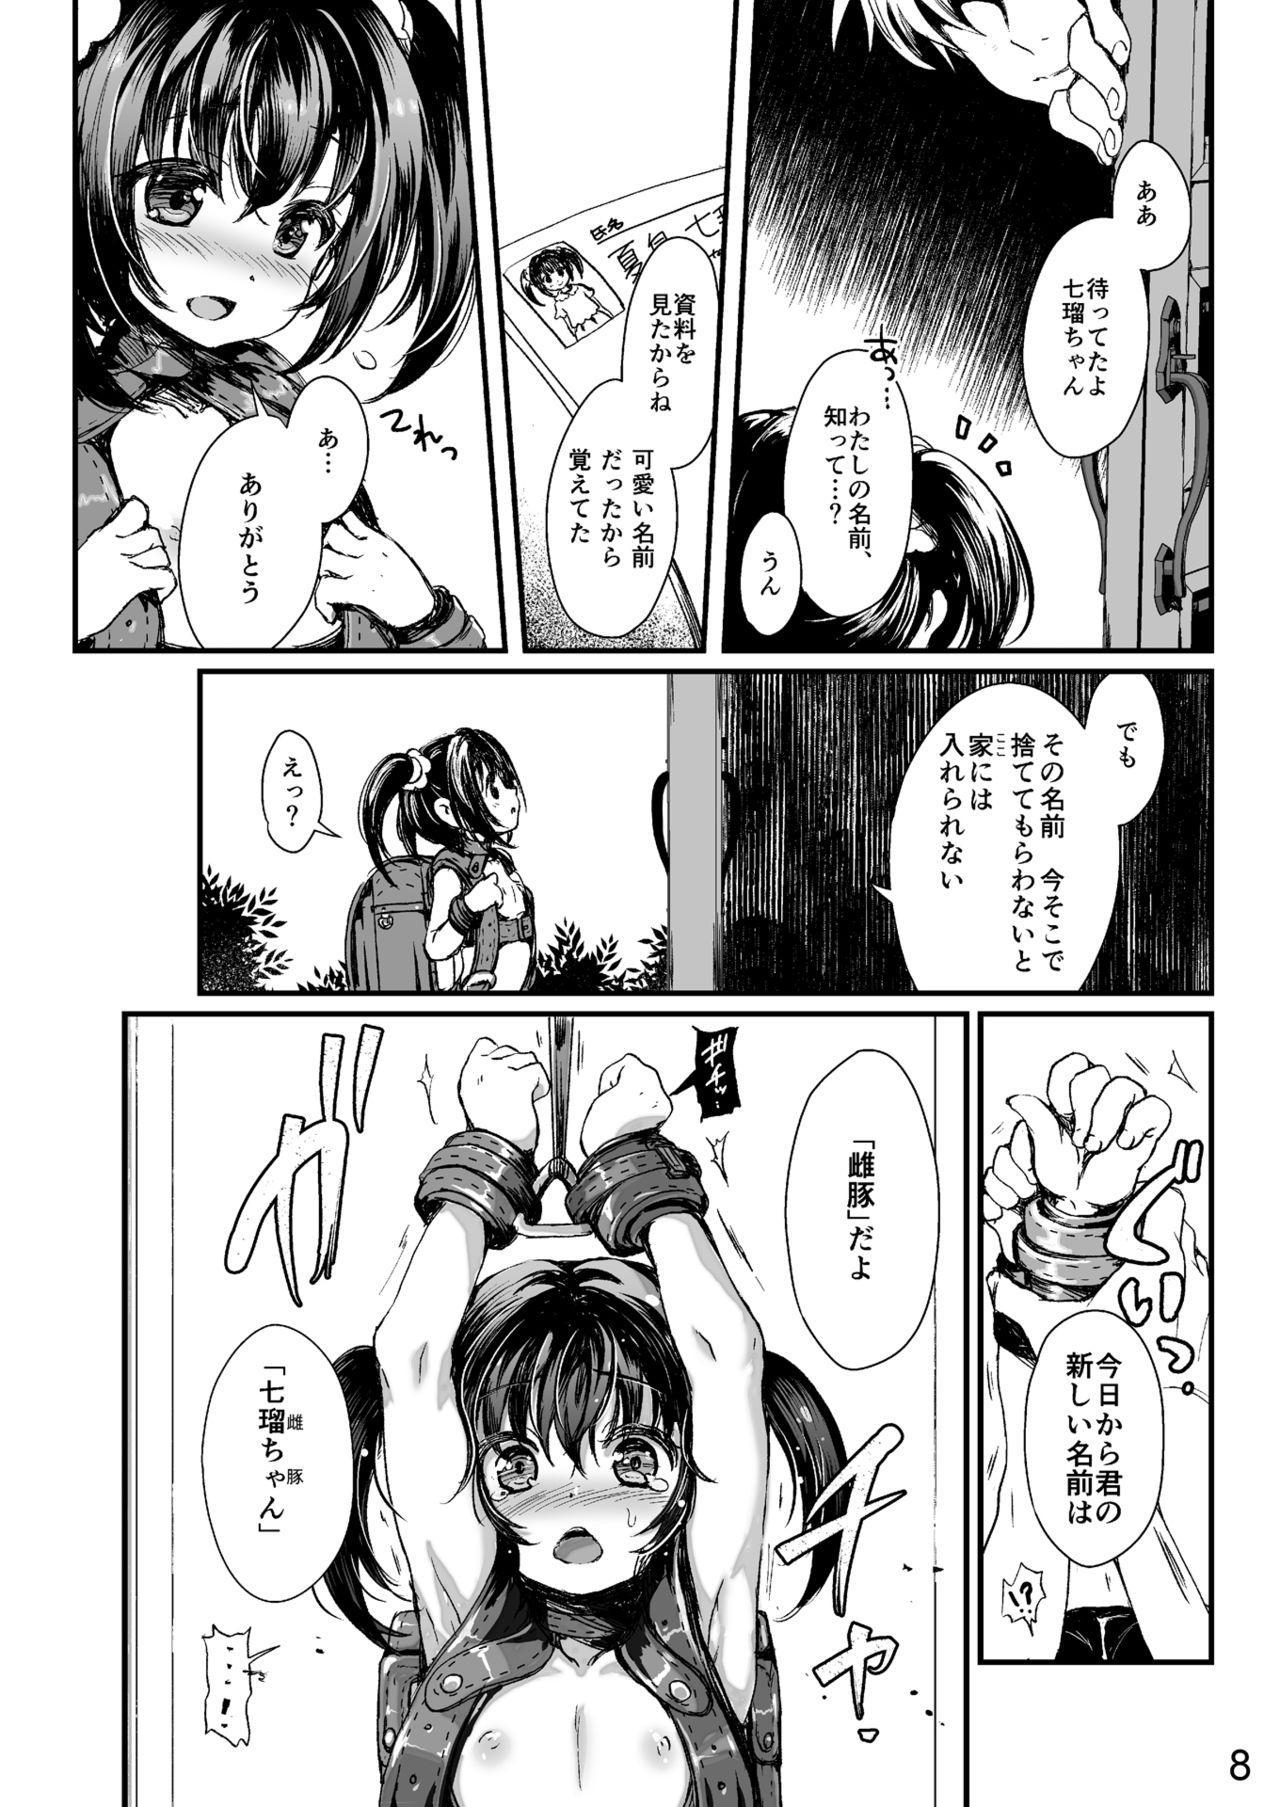 Bondage no Aru Seikatsu - Life of Bondage. 6